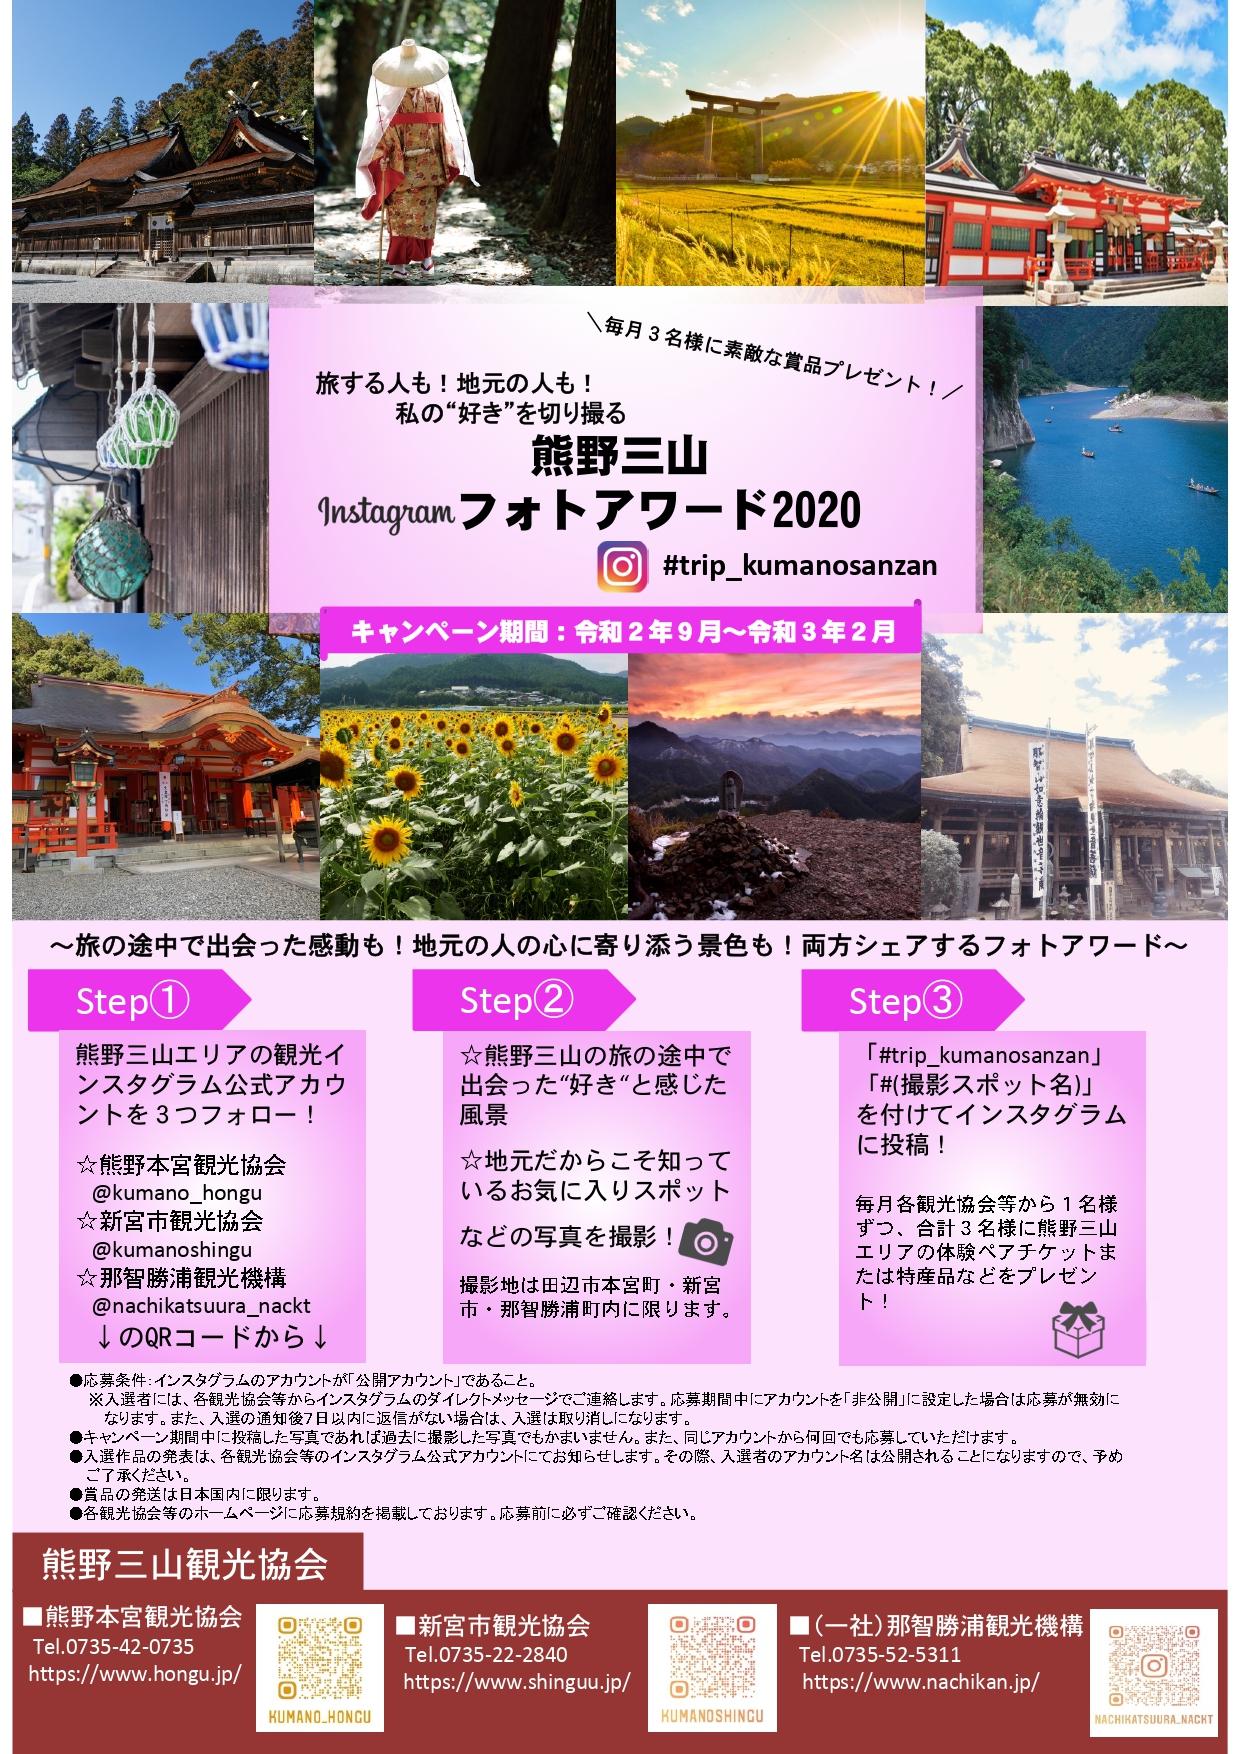 『熊野三山Instagramフォトアワード2020』の開催!